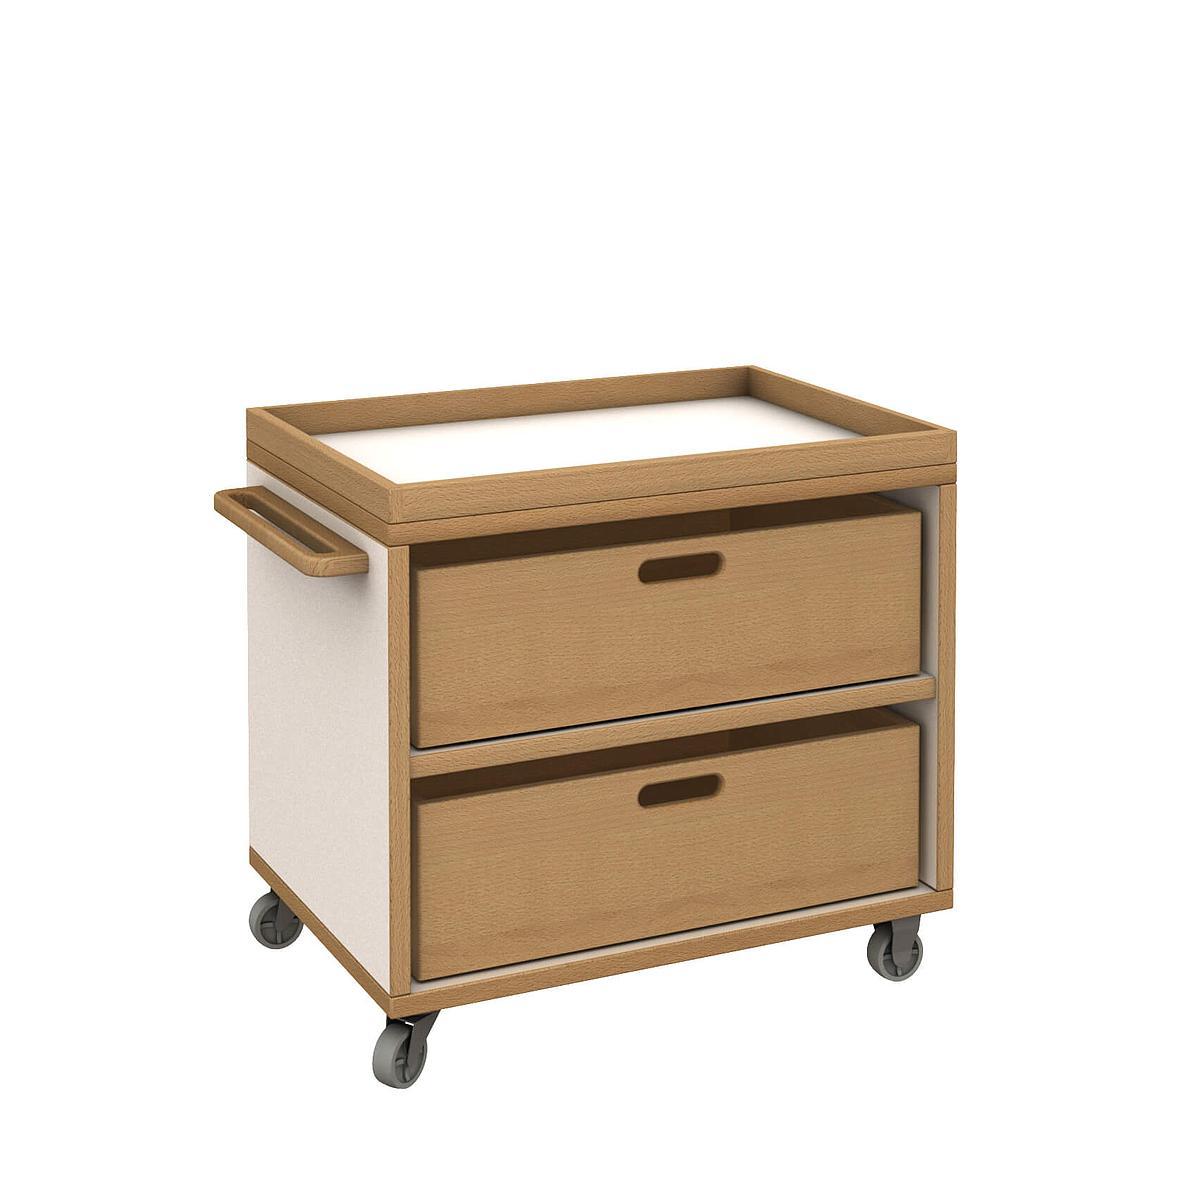 Materialwagen mit 2 Kisten - DECOR Debreuyn - Melamin weiß mit Buchenkante